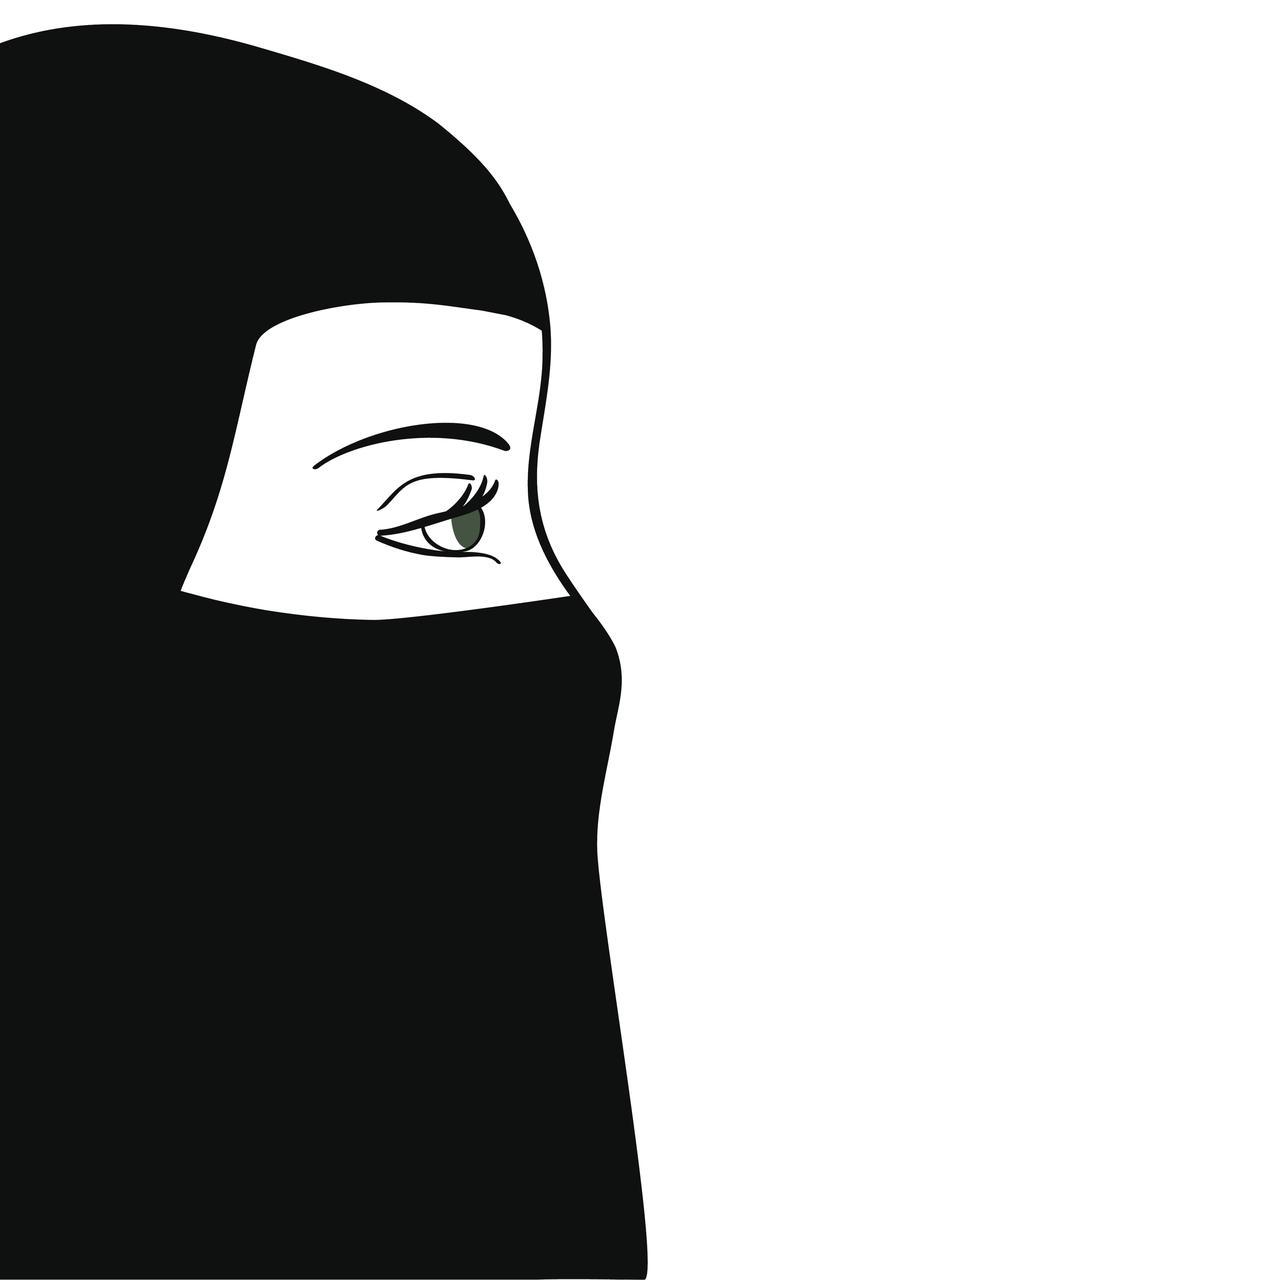 画像2: リアーナも反応!世界で唯一女性の車の運転が禁じられていた国がついに解禁